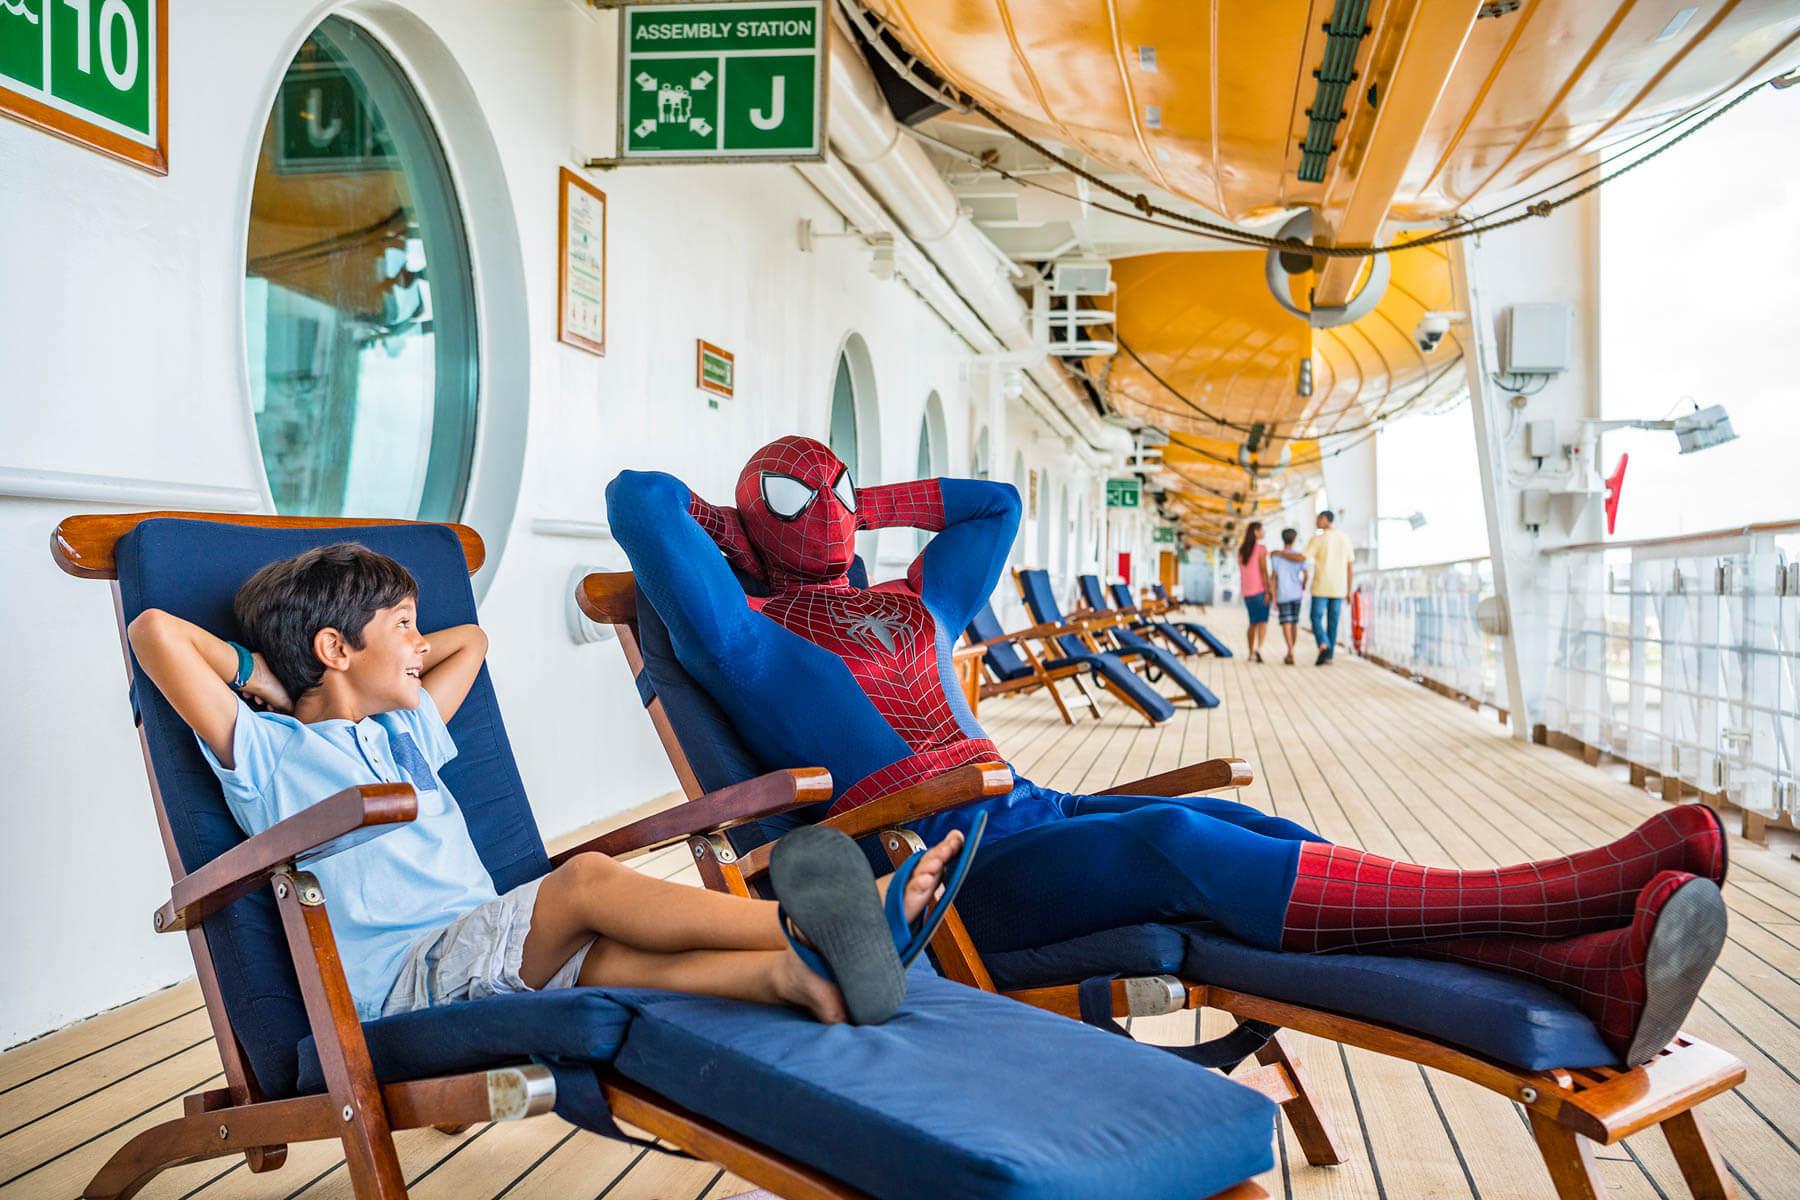 Cruzeiros temáticos da Disney Cruise Line em 2020: Homem-Aranha